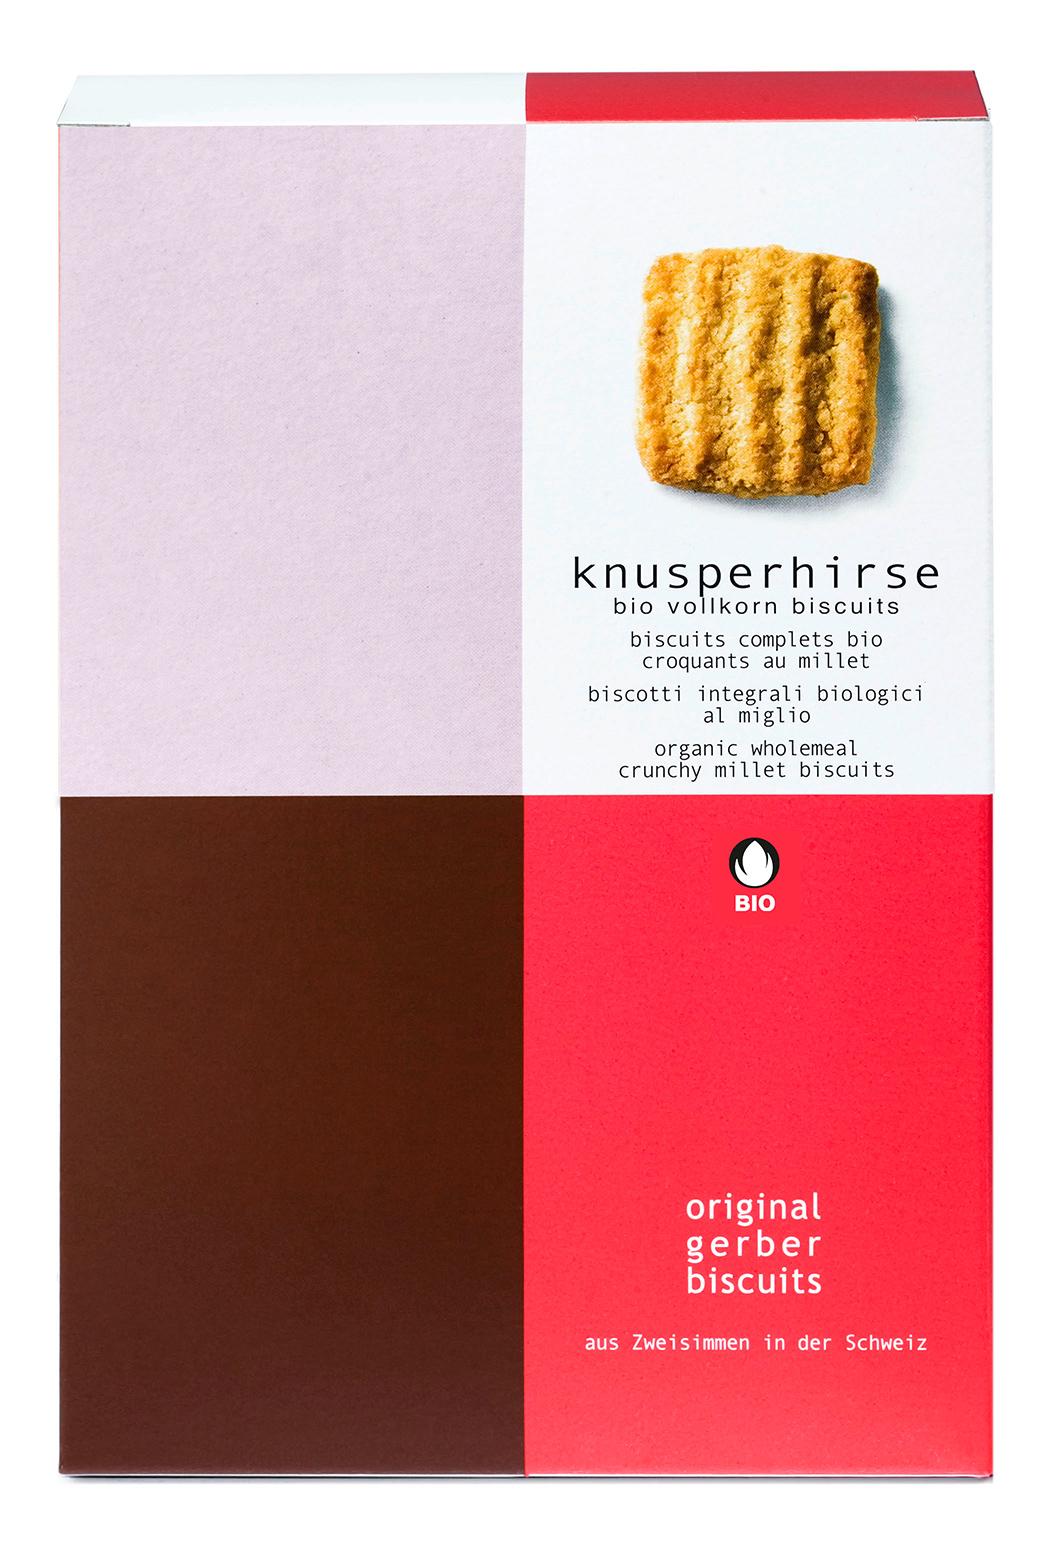 Bio Knusperhirse Biscuits